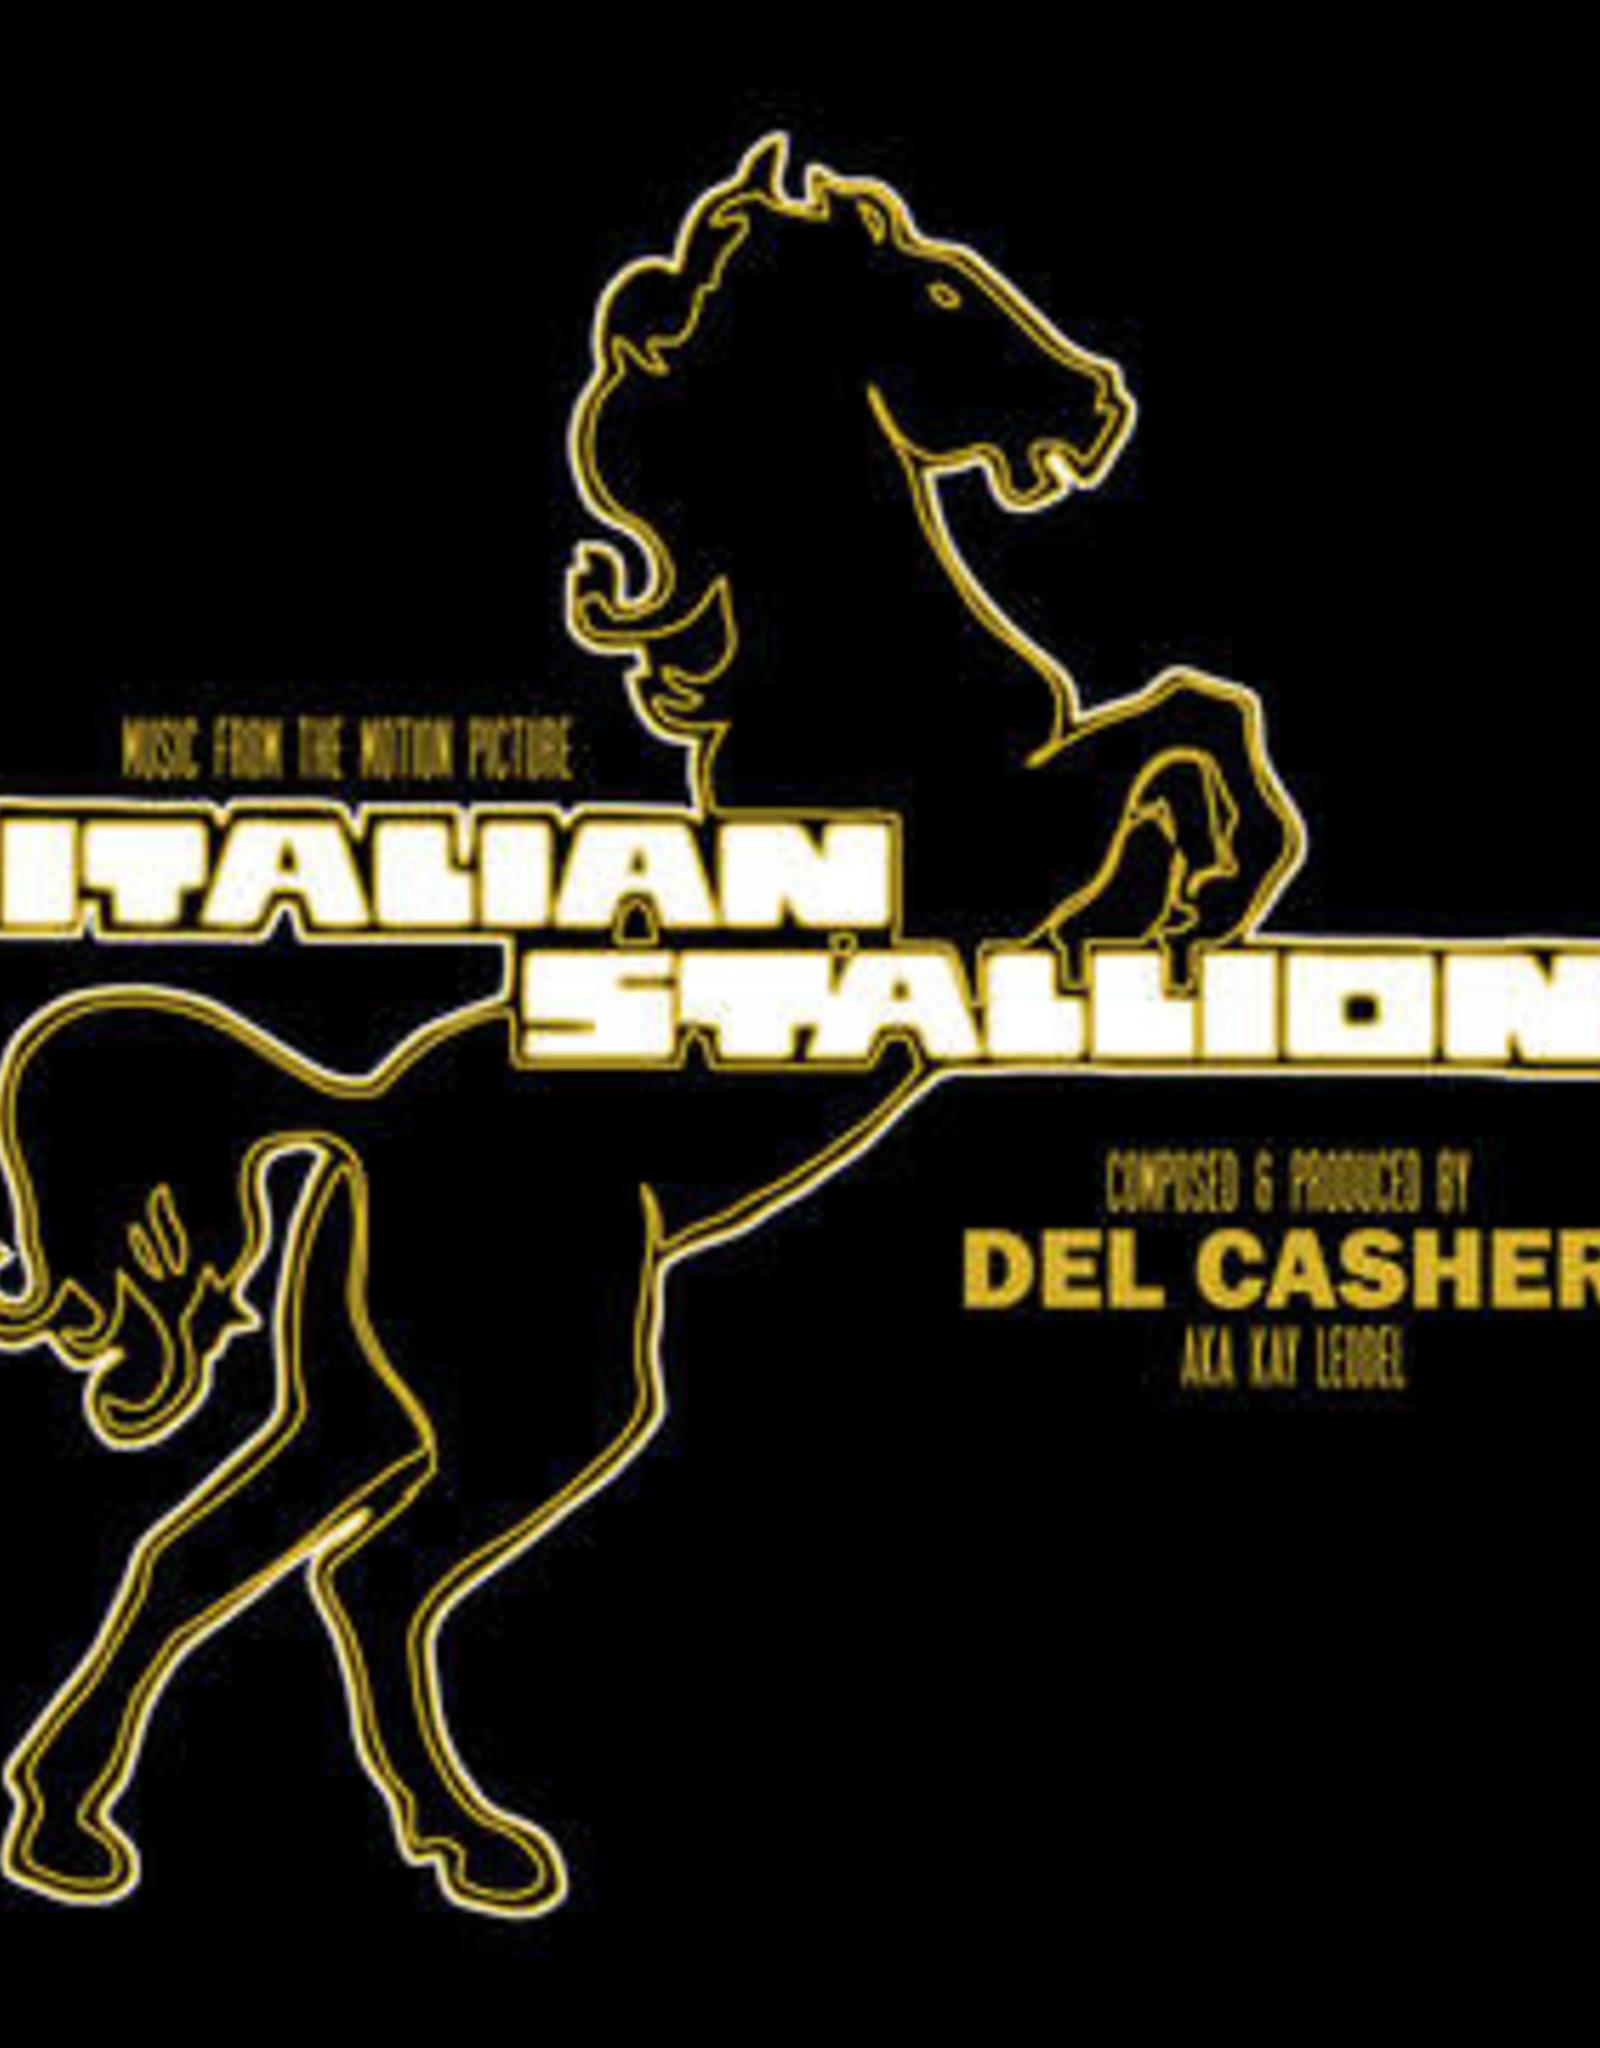 Del Casher - Italian Stallion OST (RSD 7/21)